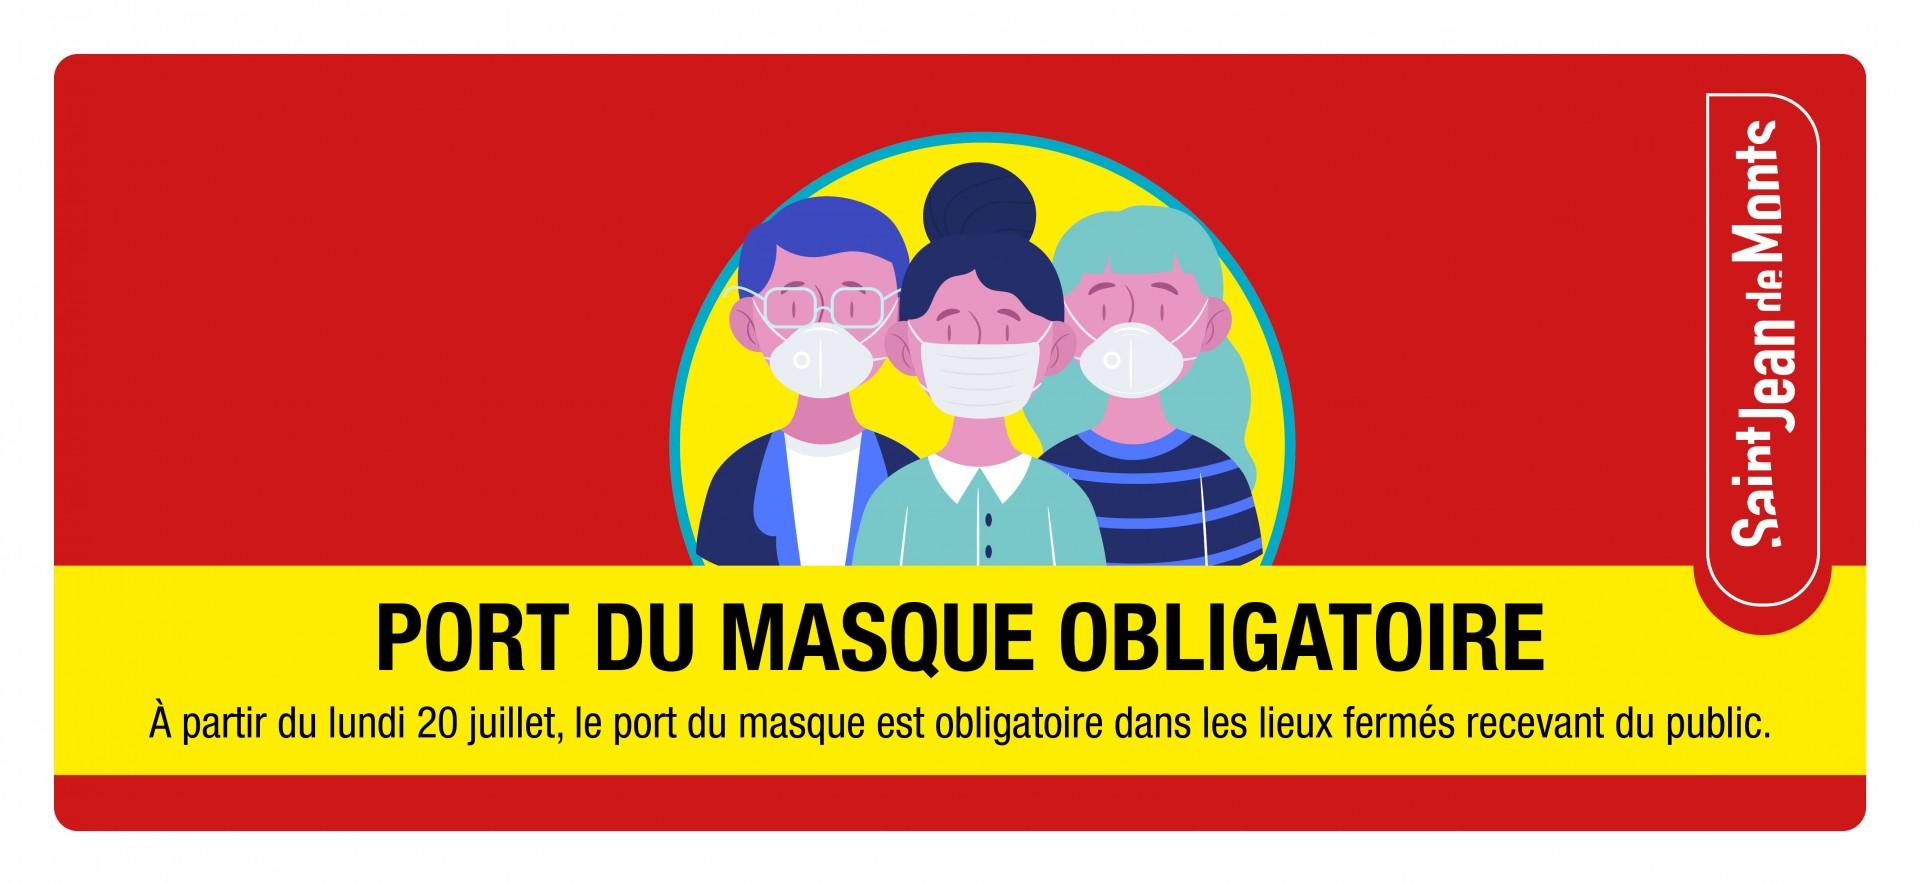 portmasque-20200716-bandeau-site-8585